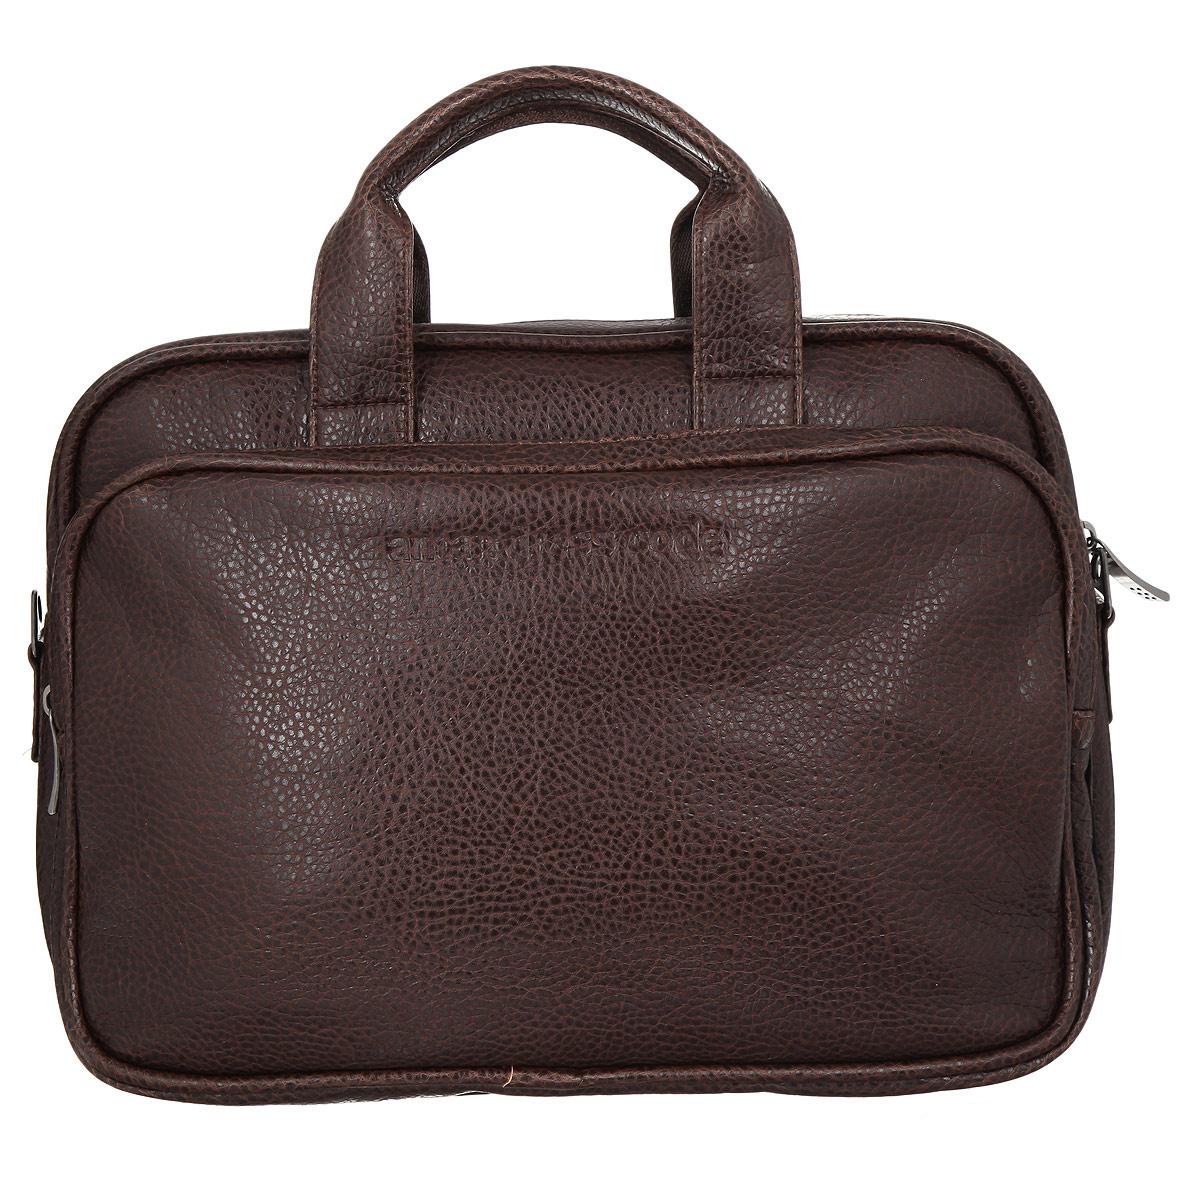 f9f514624a79 Сумка Antan, цвет: темно-коричневый. 8-48 В — купить в интернет-магазине  OZON.ru с быстрой доставкой